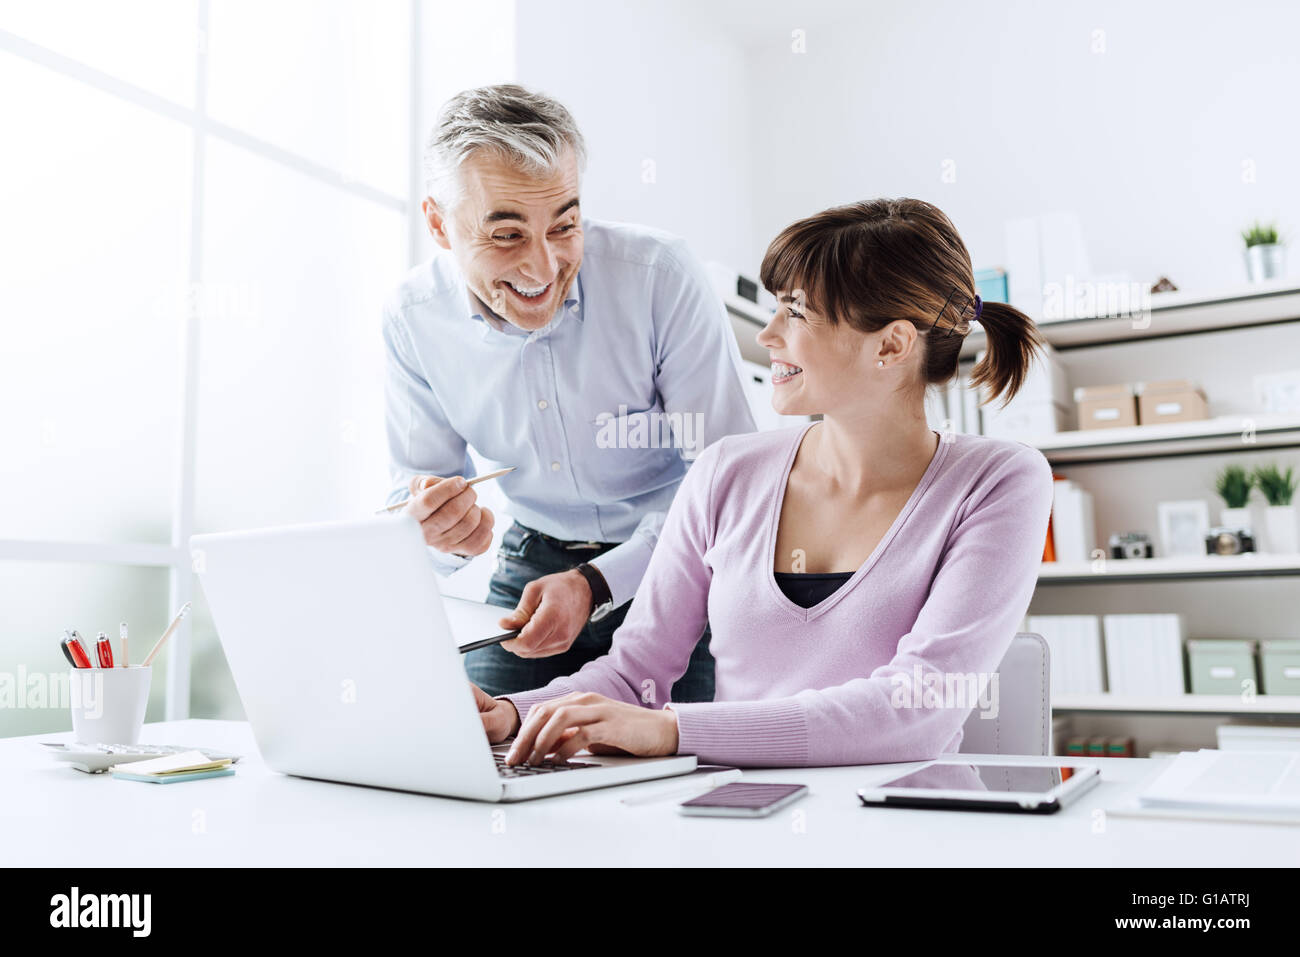 La alegre gente de negocios en la oficina, están trabajando juntos, y sonriendo, la mujer está escribiendo Imagen De Stock